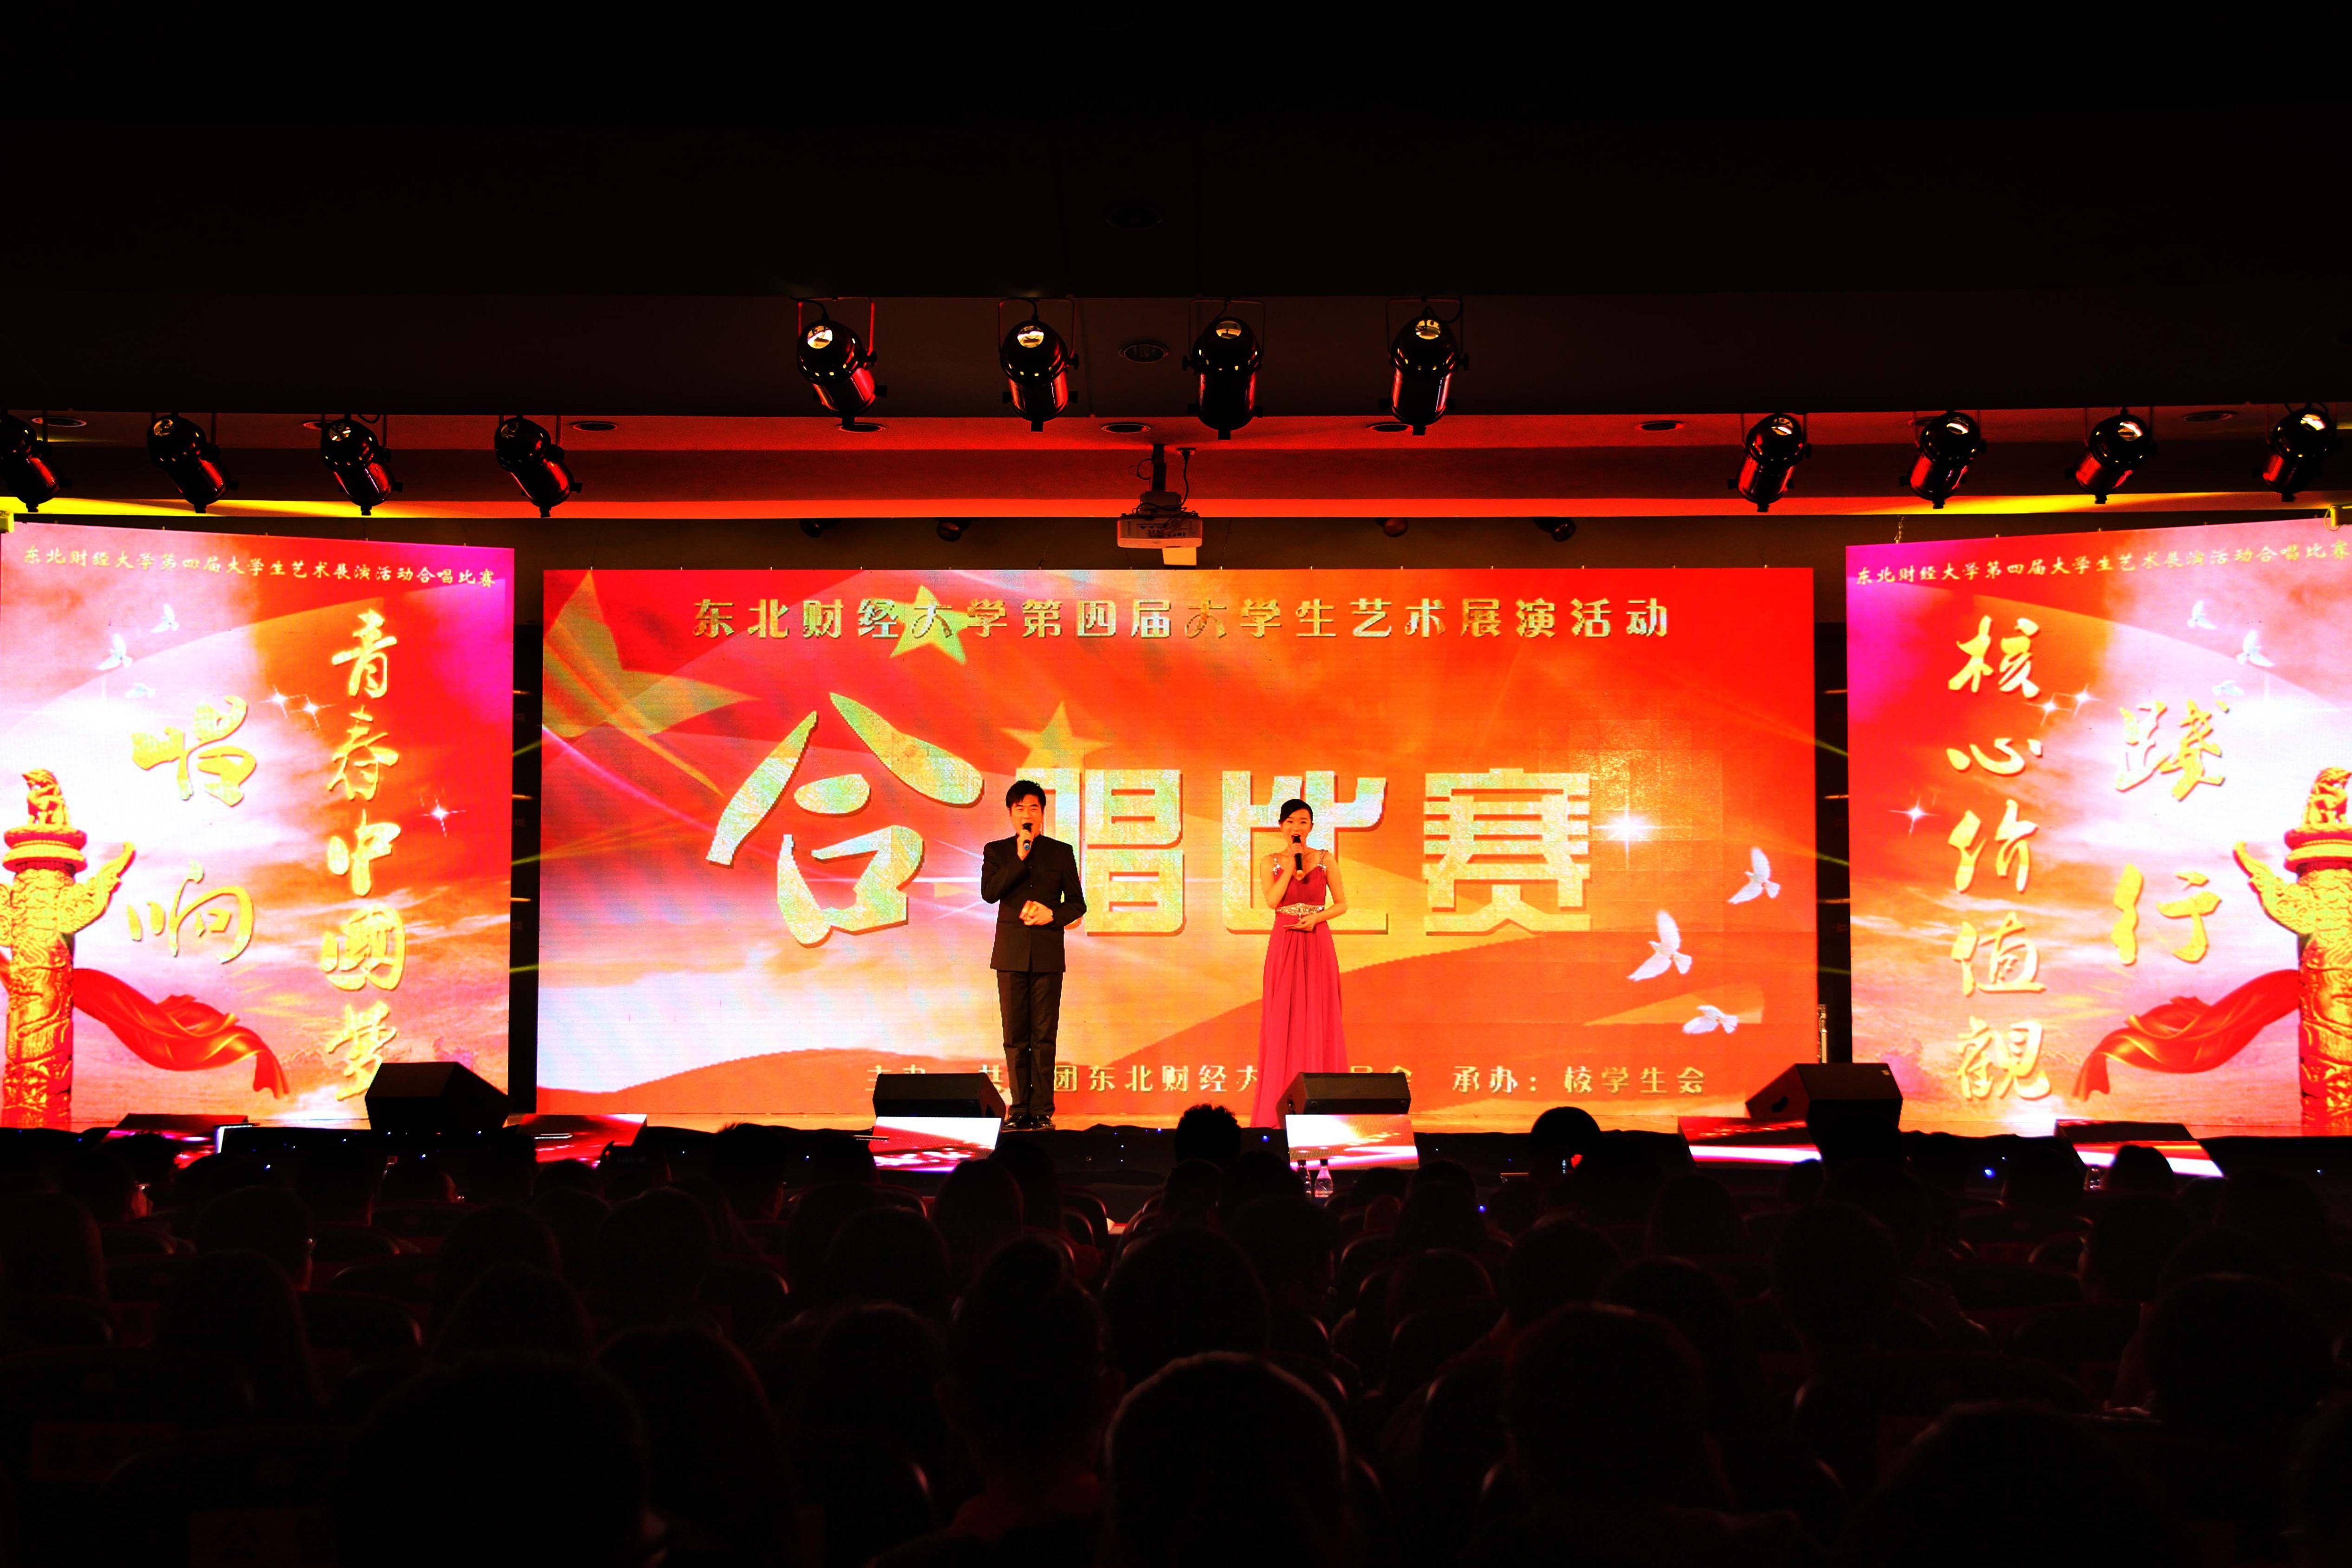 朗诵表演《少年中国说》中拉开帷幕,每一句铿锵有力的诗歌都饱含了